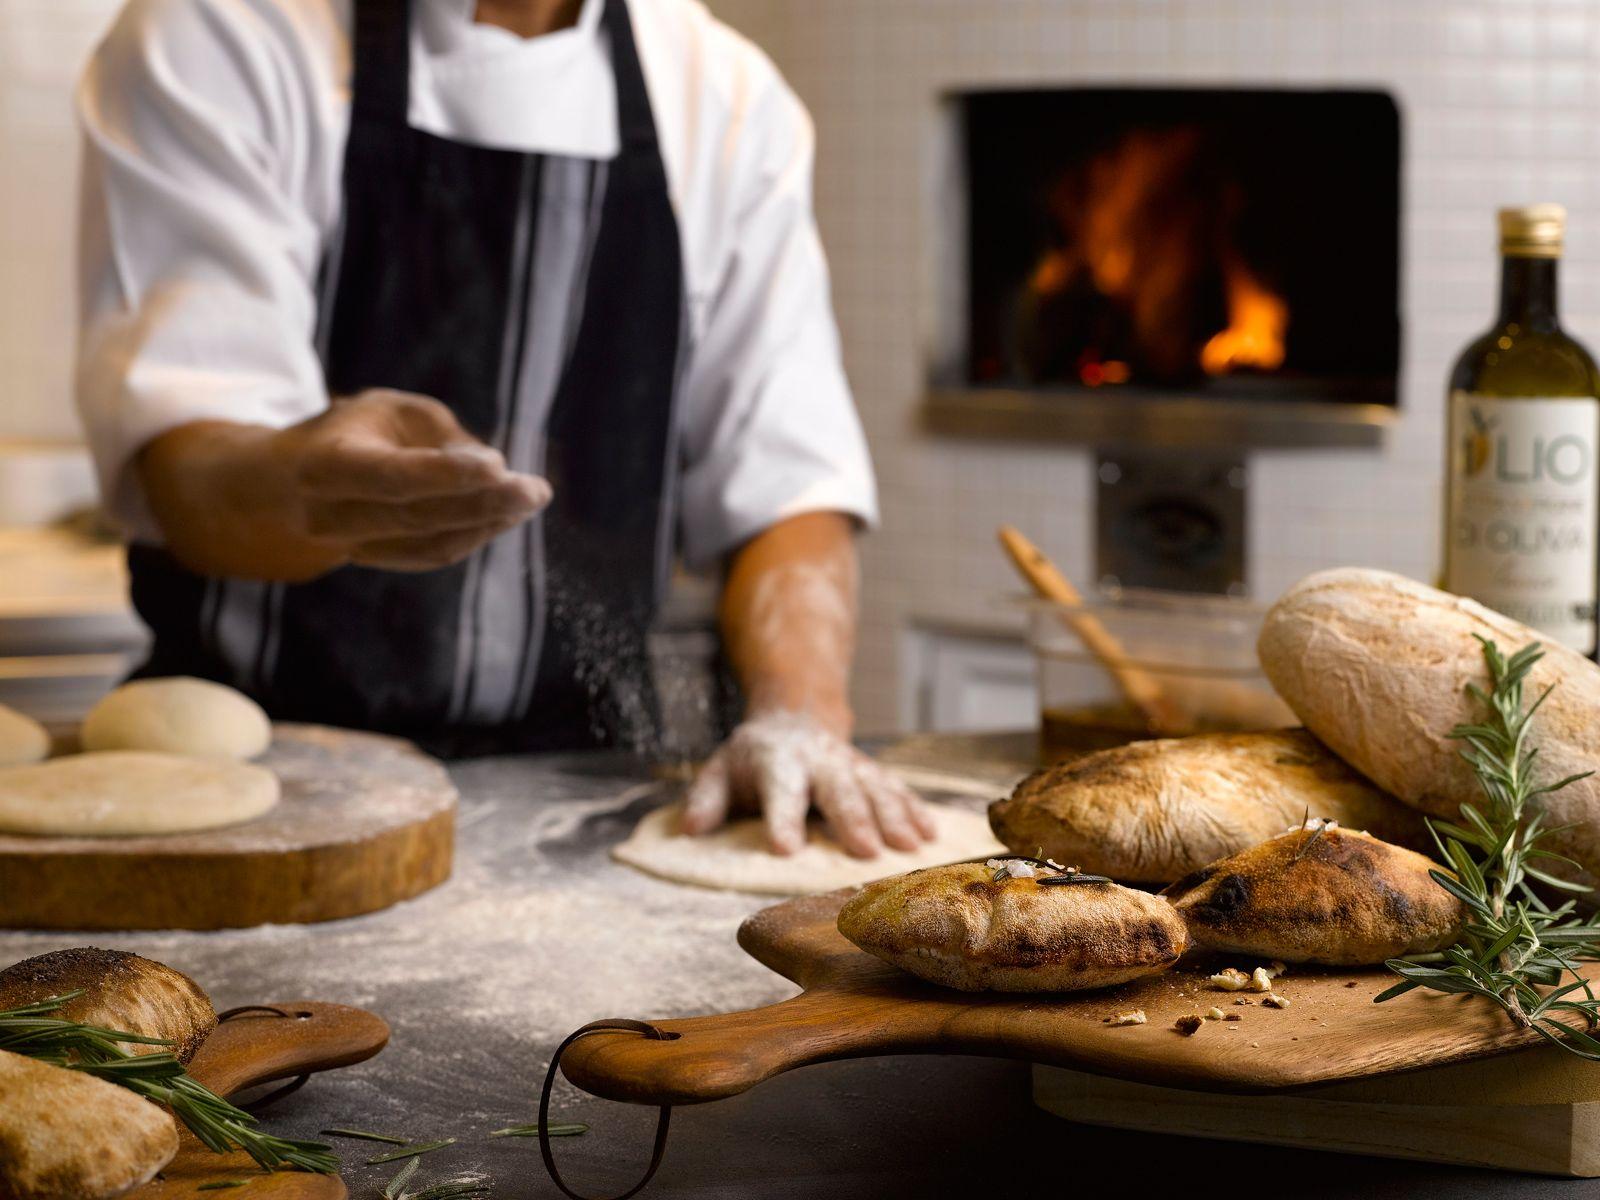 Freshly baked breads.